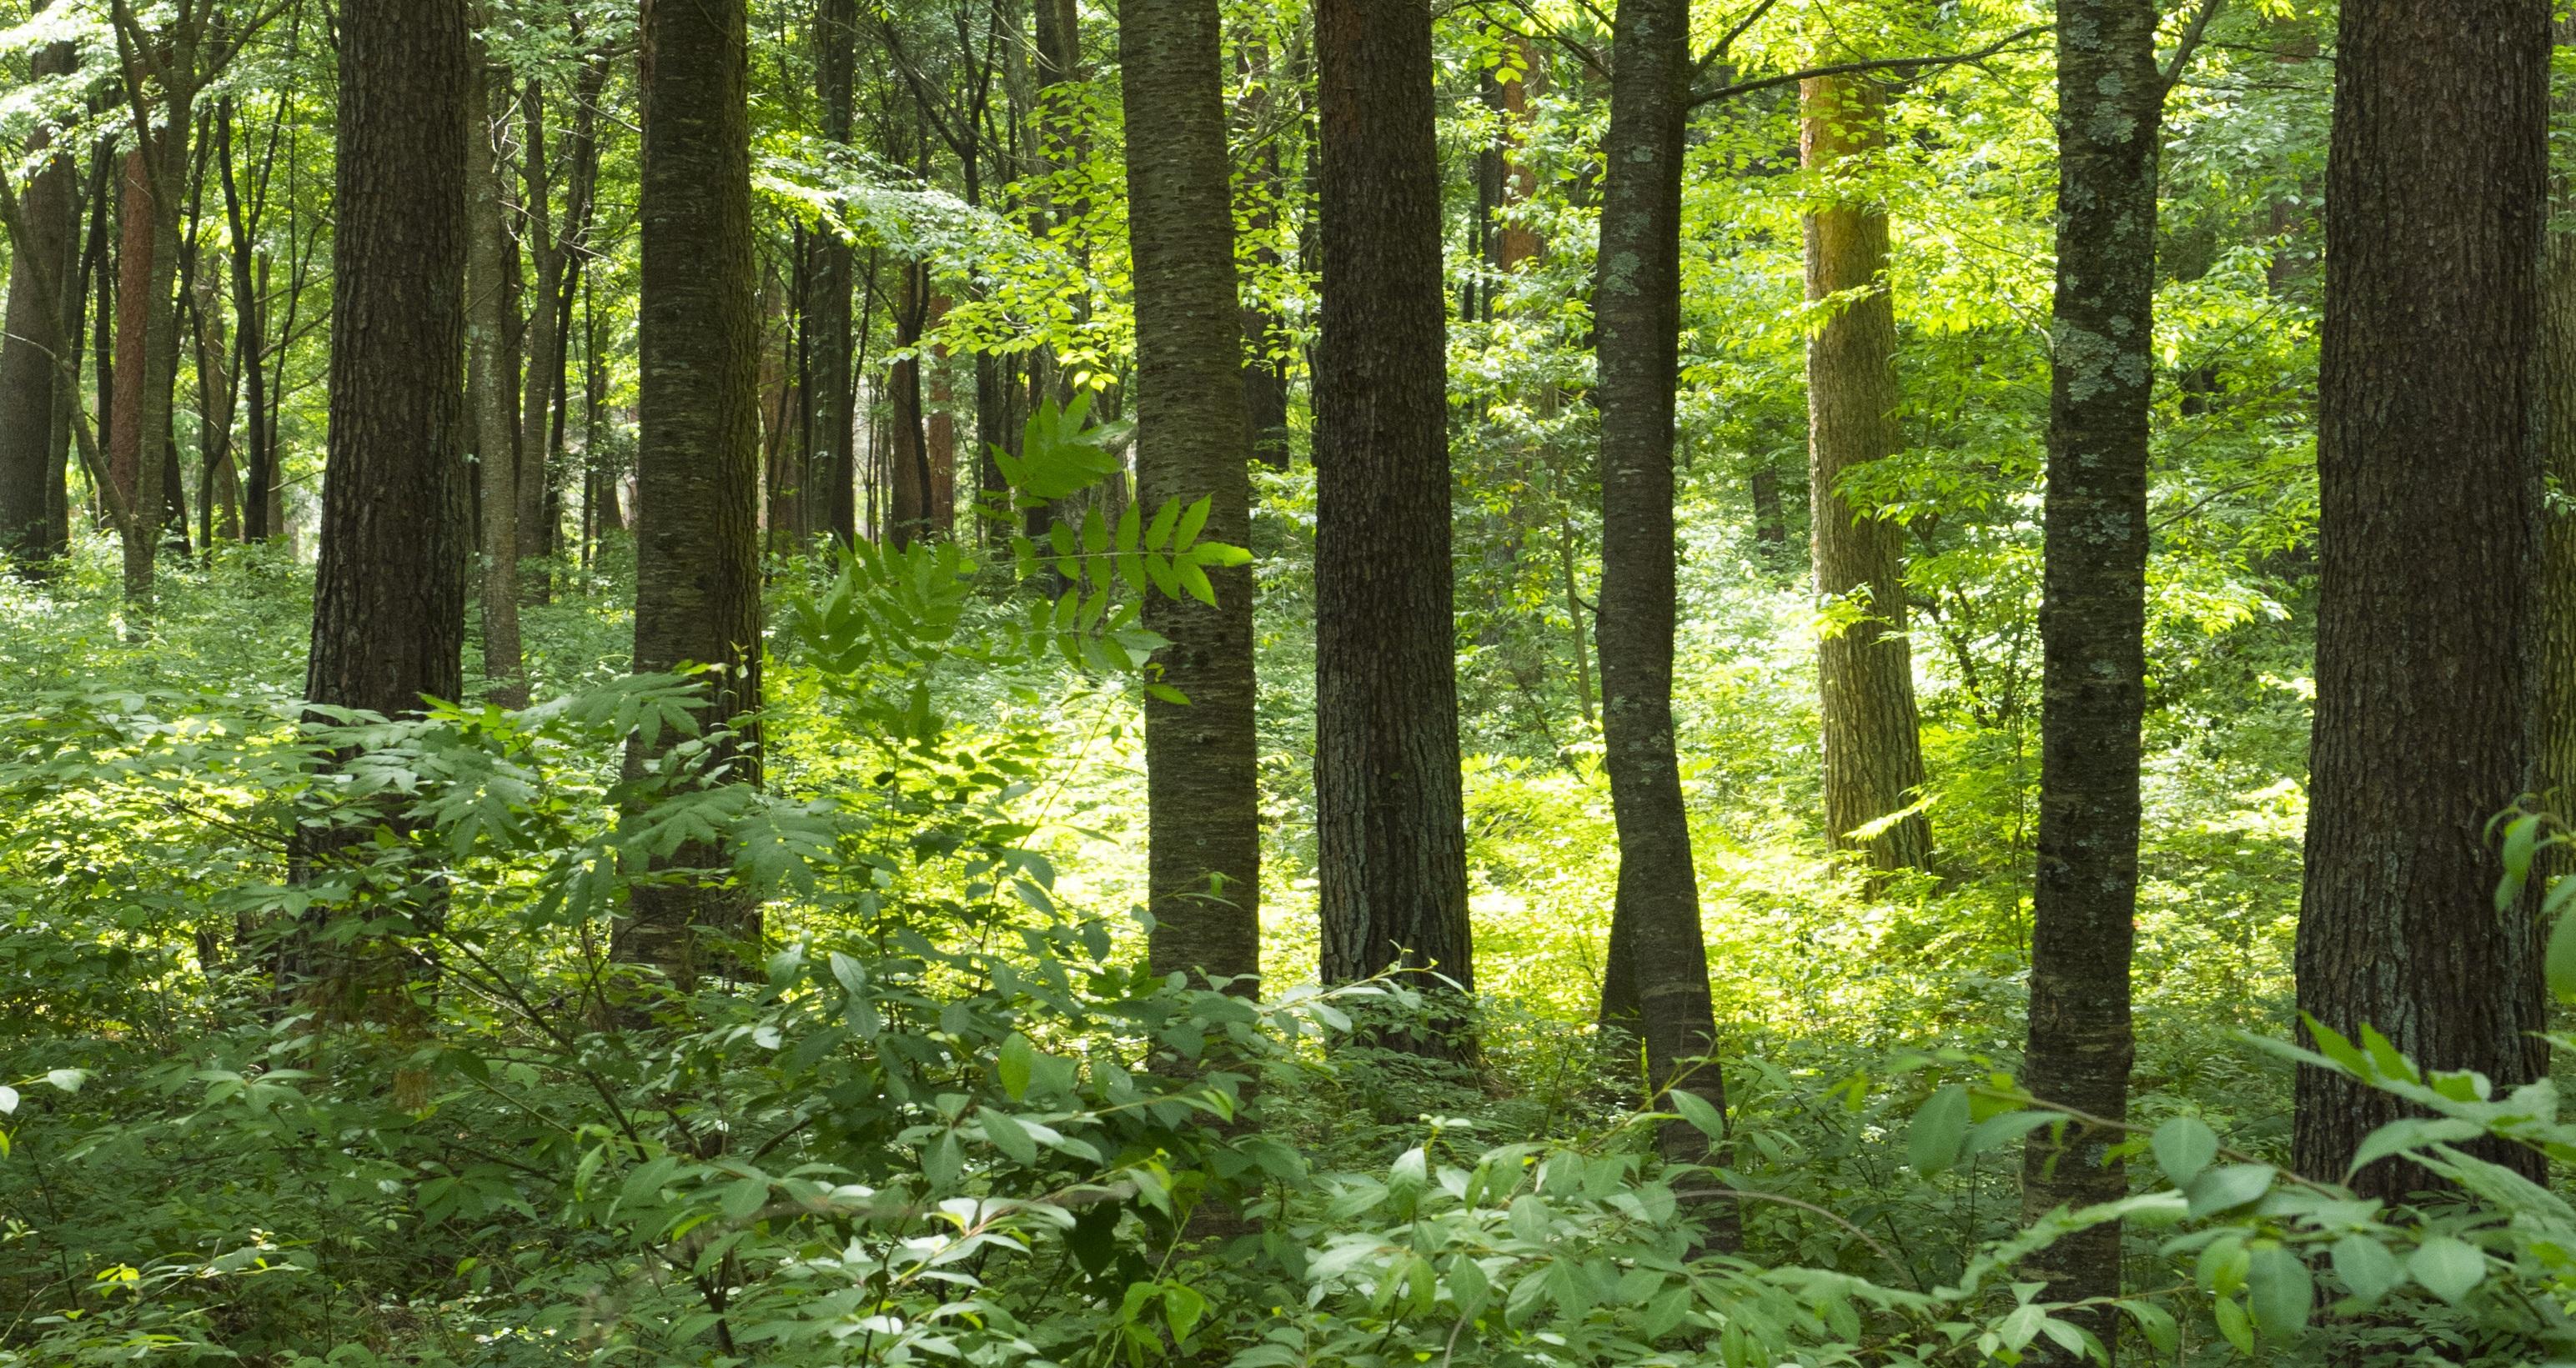 東大名誉教授にきく、森林浴の効果!香りのメカニズムと注目の効能一覧画像